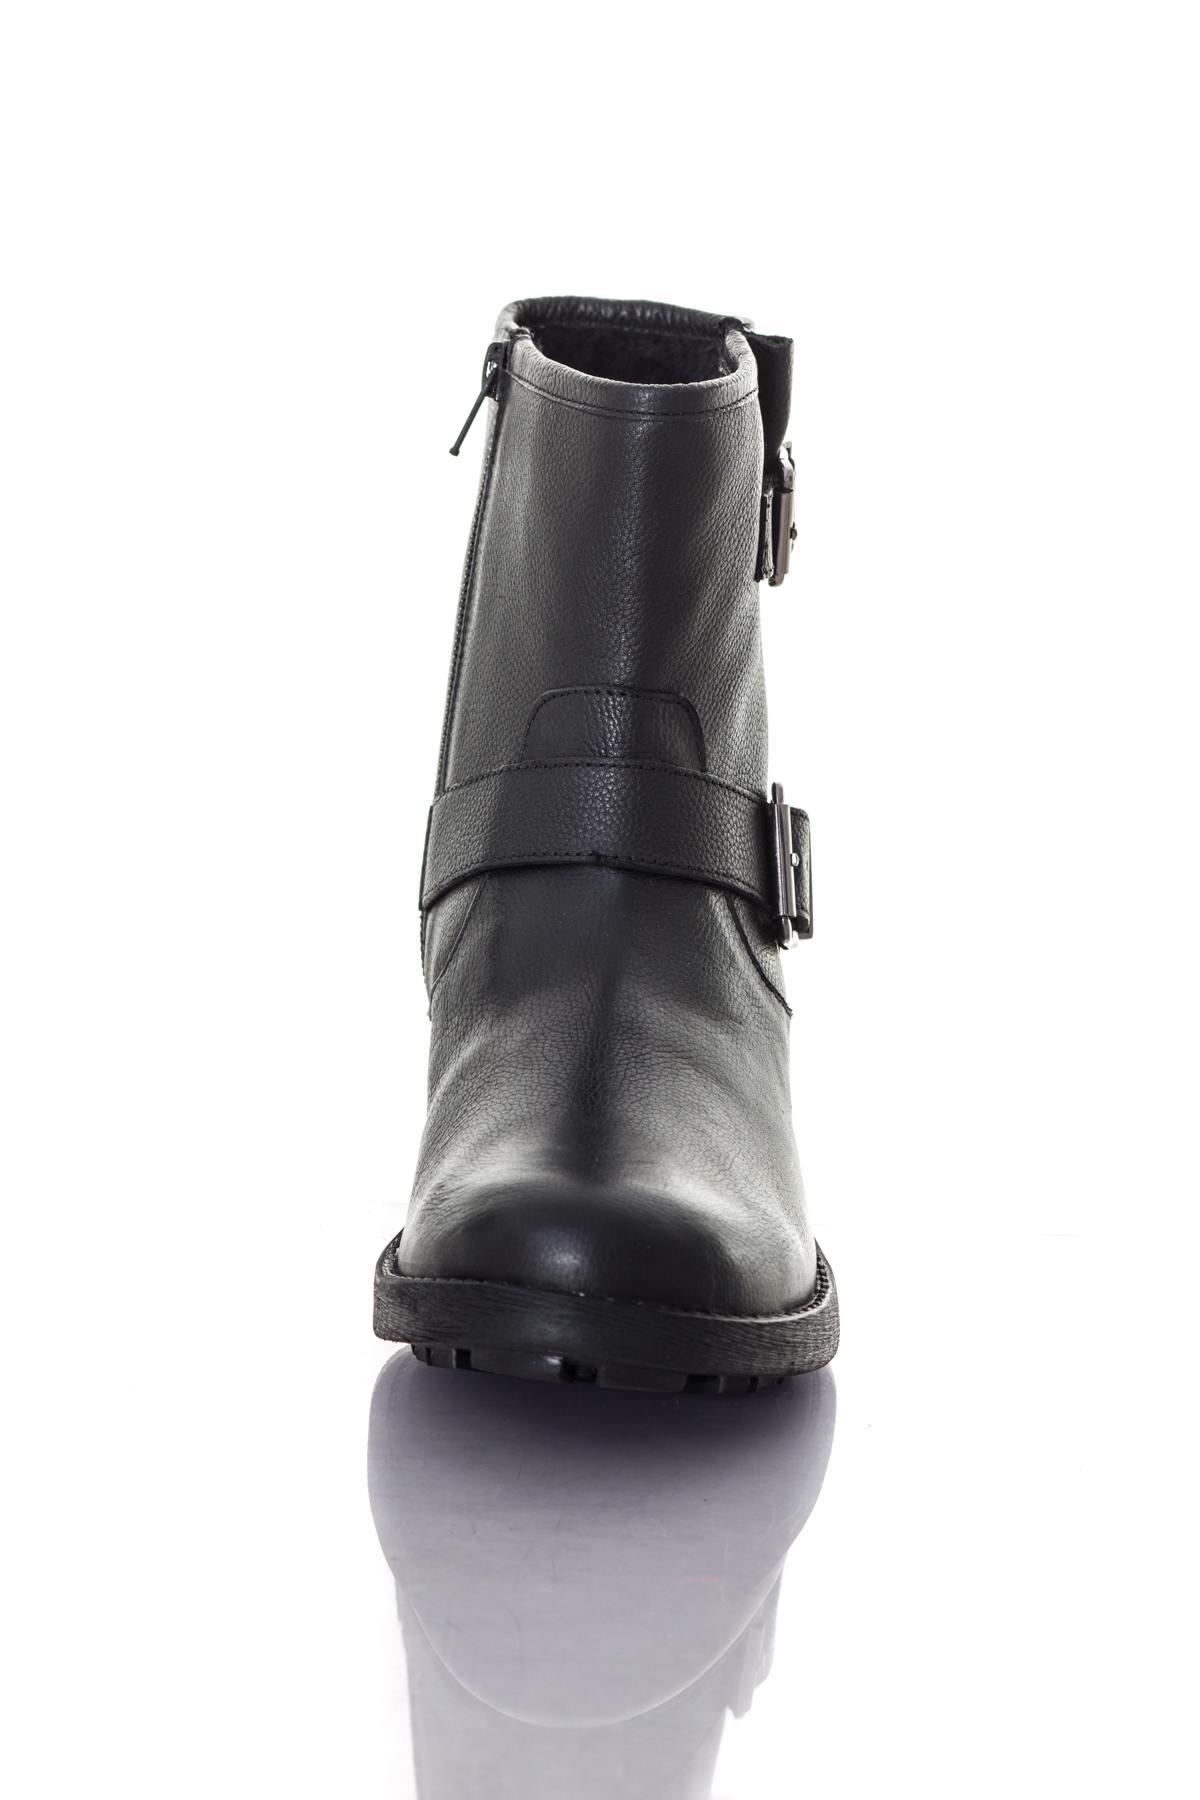 Les Tropéziennes par M Belarbi Boots - bottes Leane noir c71Td02Eq3